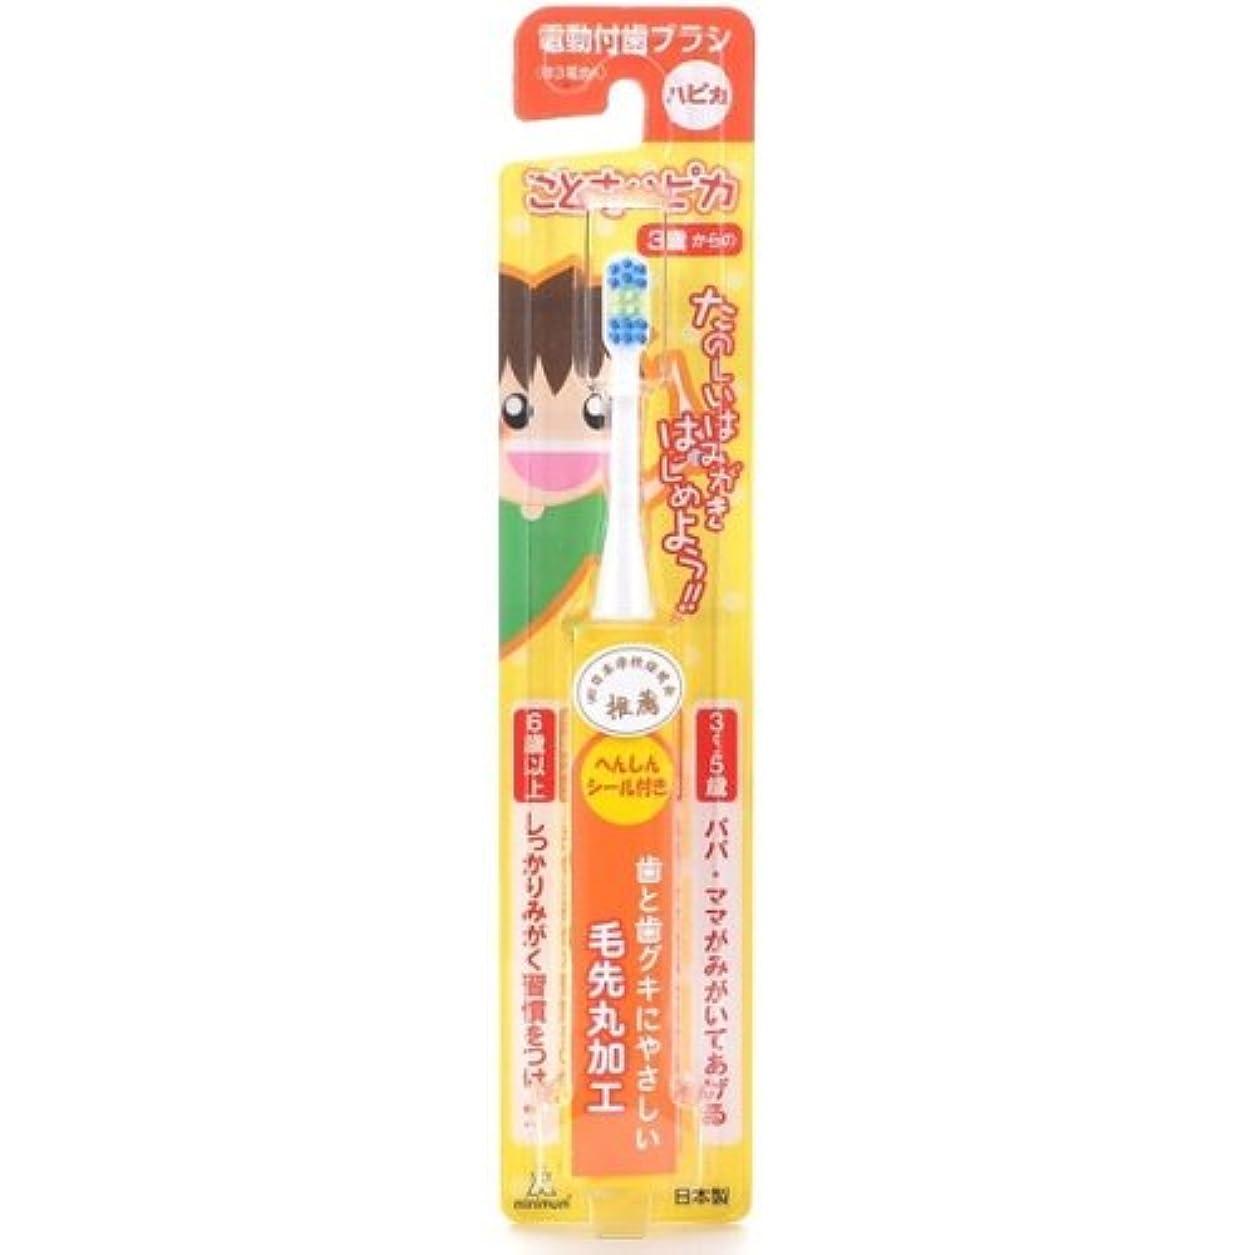 刃メディック摩擦ミニマム 電動付歯ブラシ こどもハピカ イエロー 毛の硬さ:やわらかめ DBK-1Y(BP)